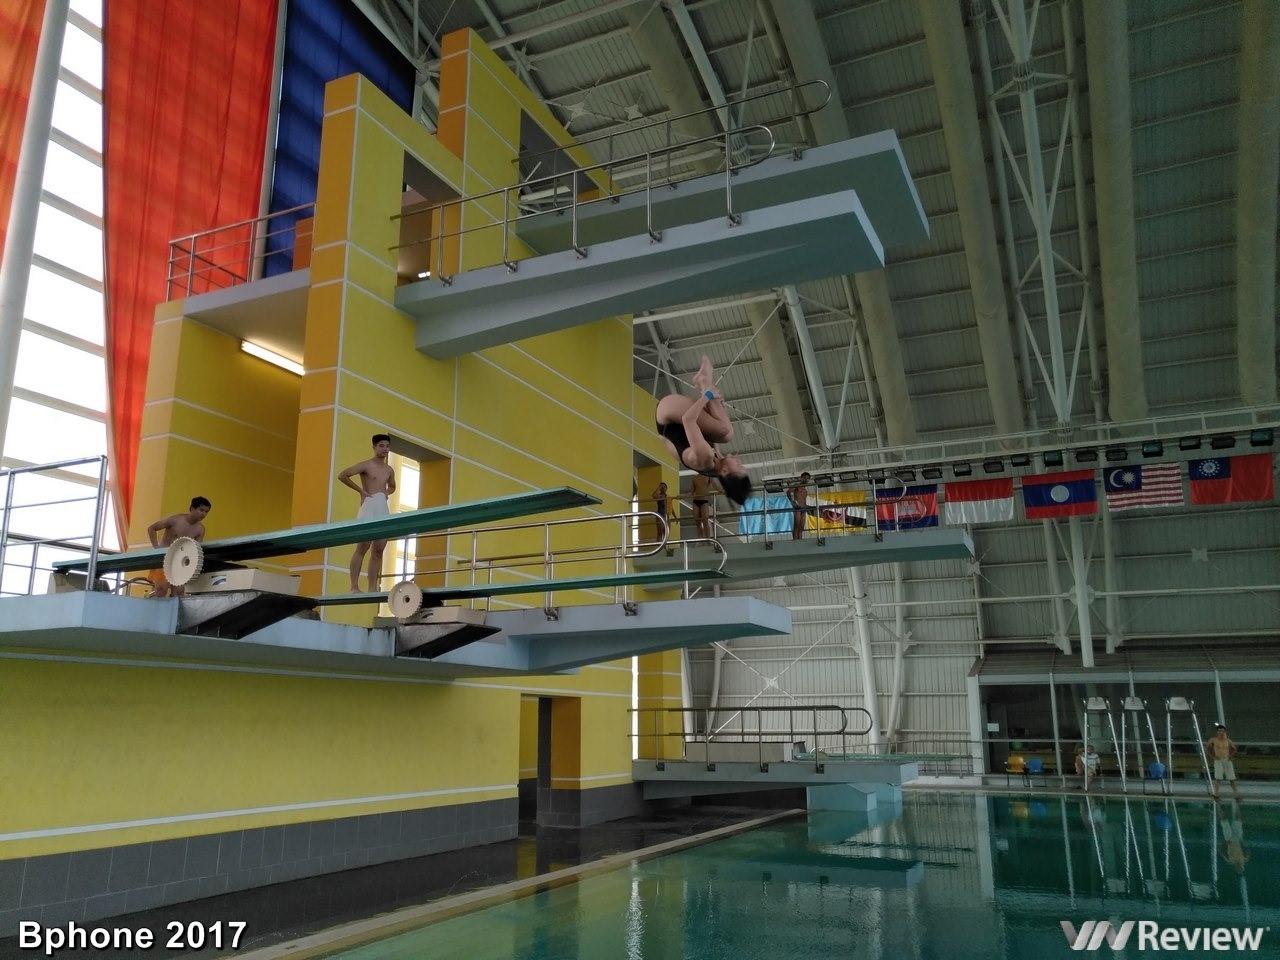 AI Camera trên Bphone 2017 hoạt động như thế nào? ảnh 1